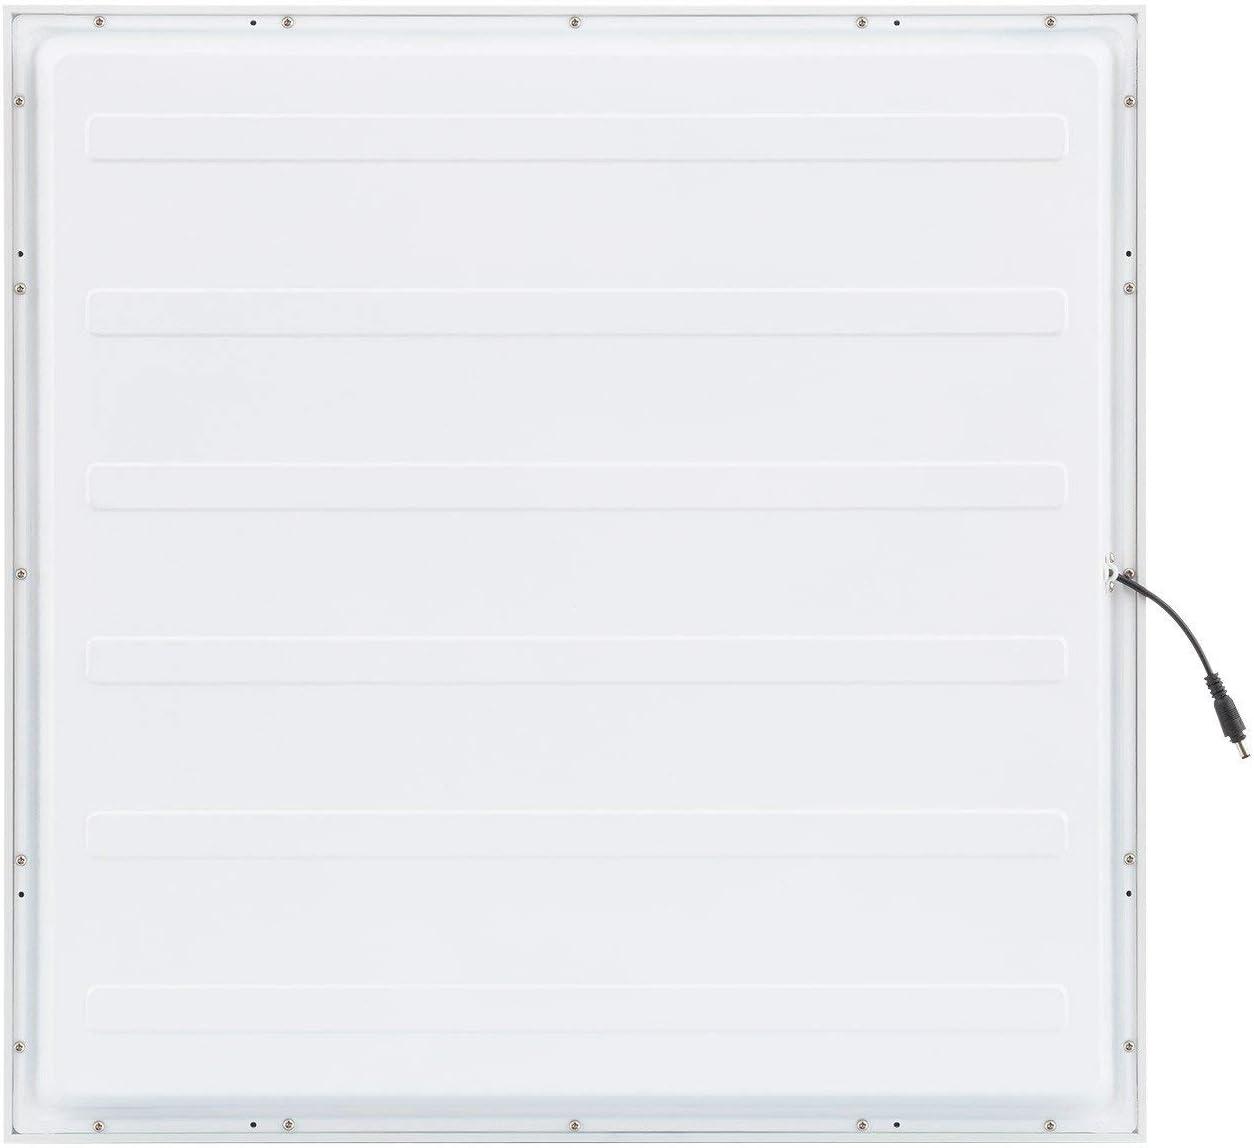 LIFUD Blanc Neutre 4000K URG19 LEDKIA LIGHTING Panneau LED Slim 60x60cm 36W 3100lm